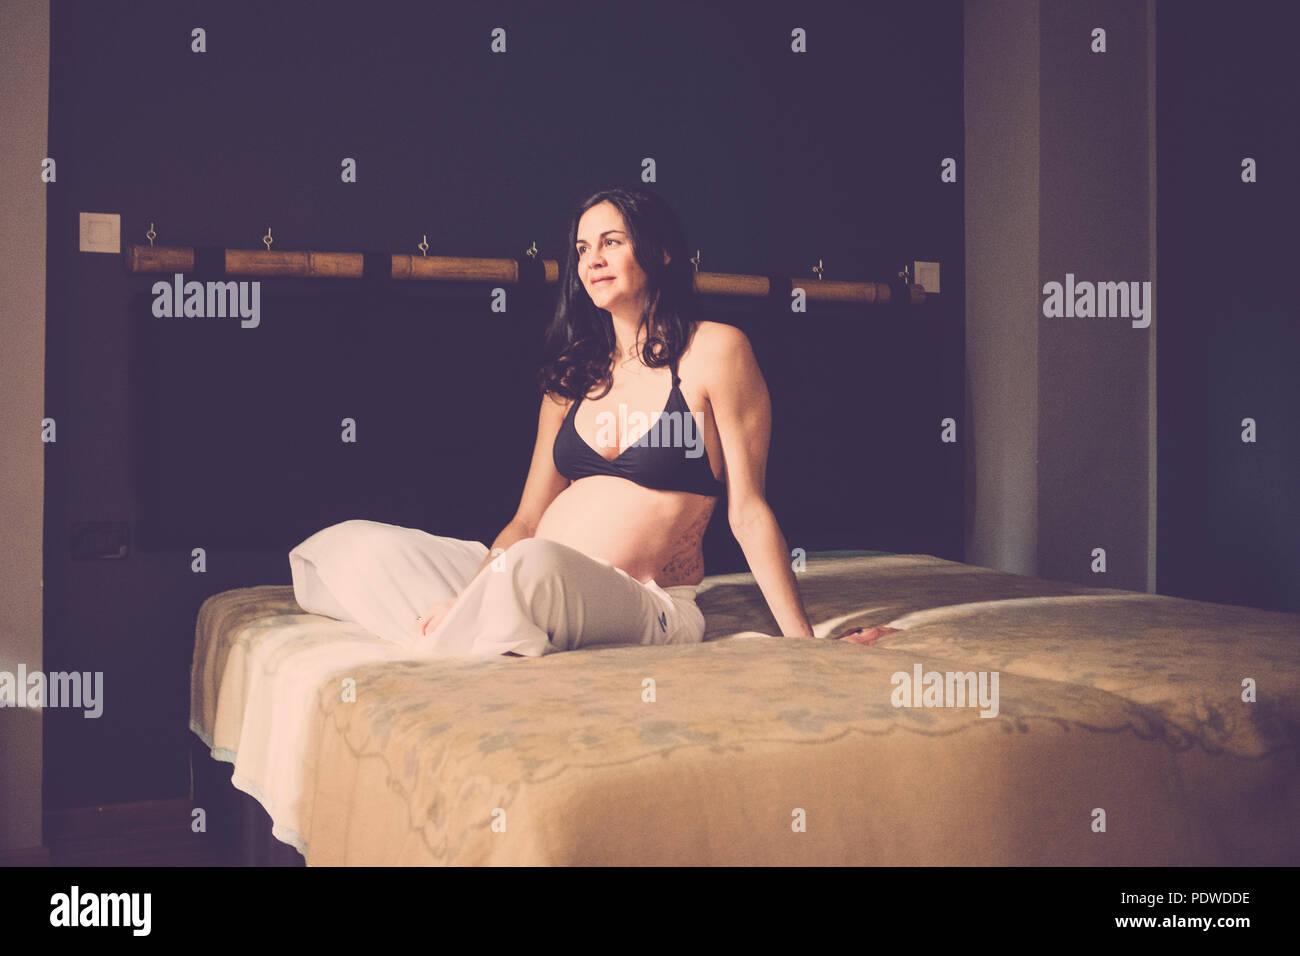 Schwangere schöne kaukasische Frau sitzt auf dem Boden und atmen zu entspannen. neues Leben Konzept zu Hause. Allein im Schlafzimmer Lächeln und Glück für n Stockbild